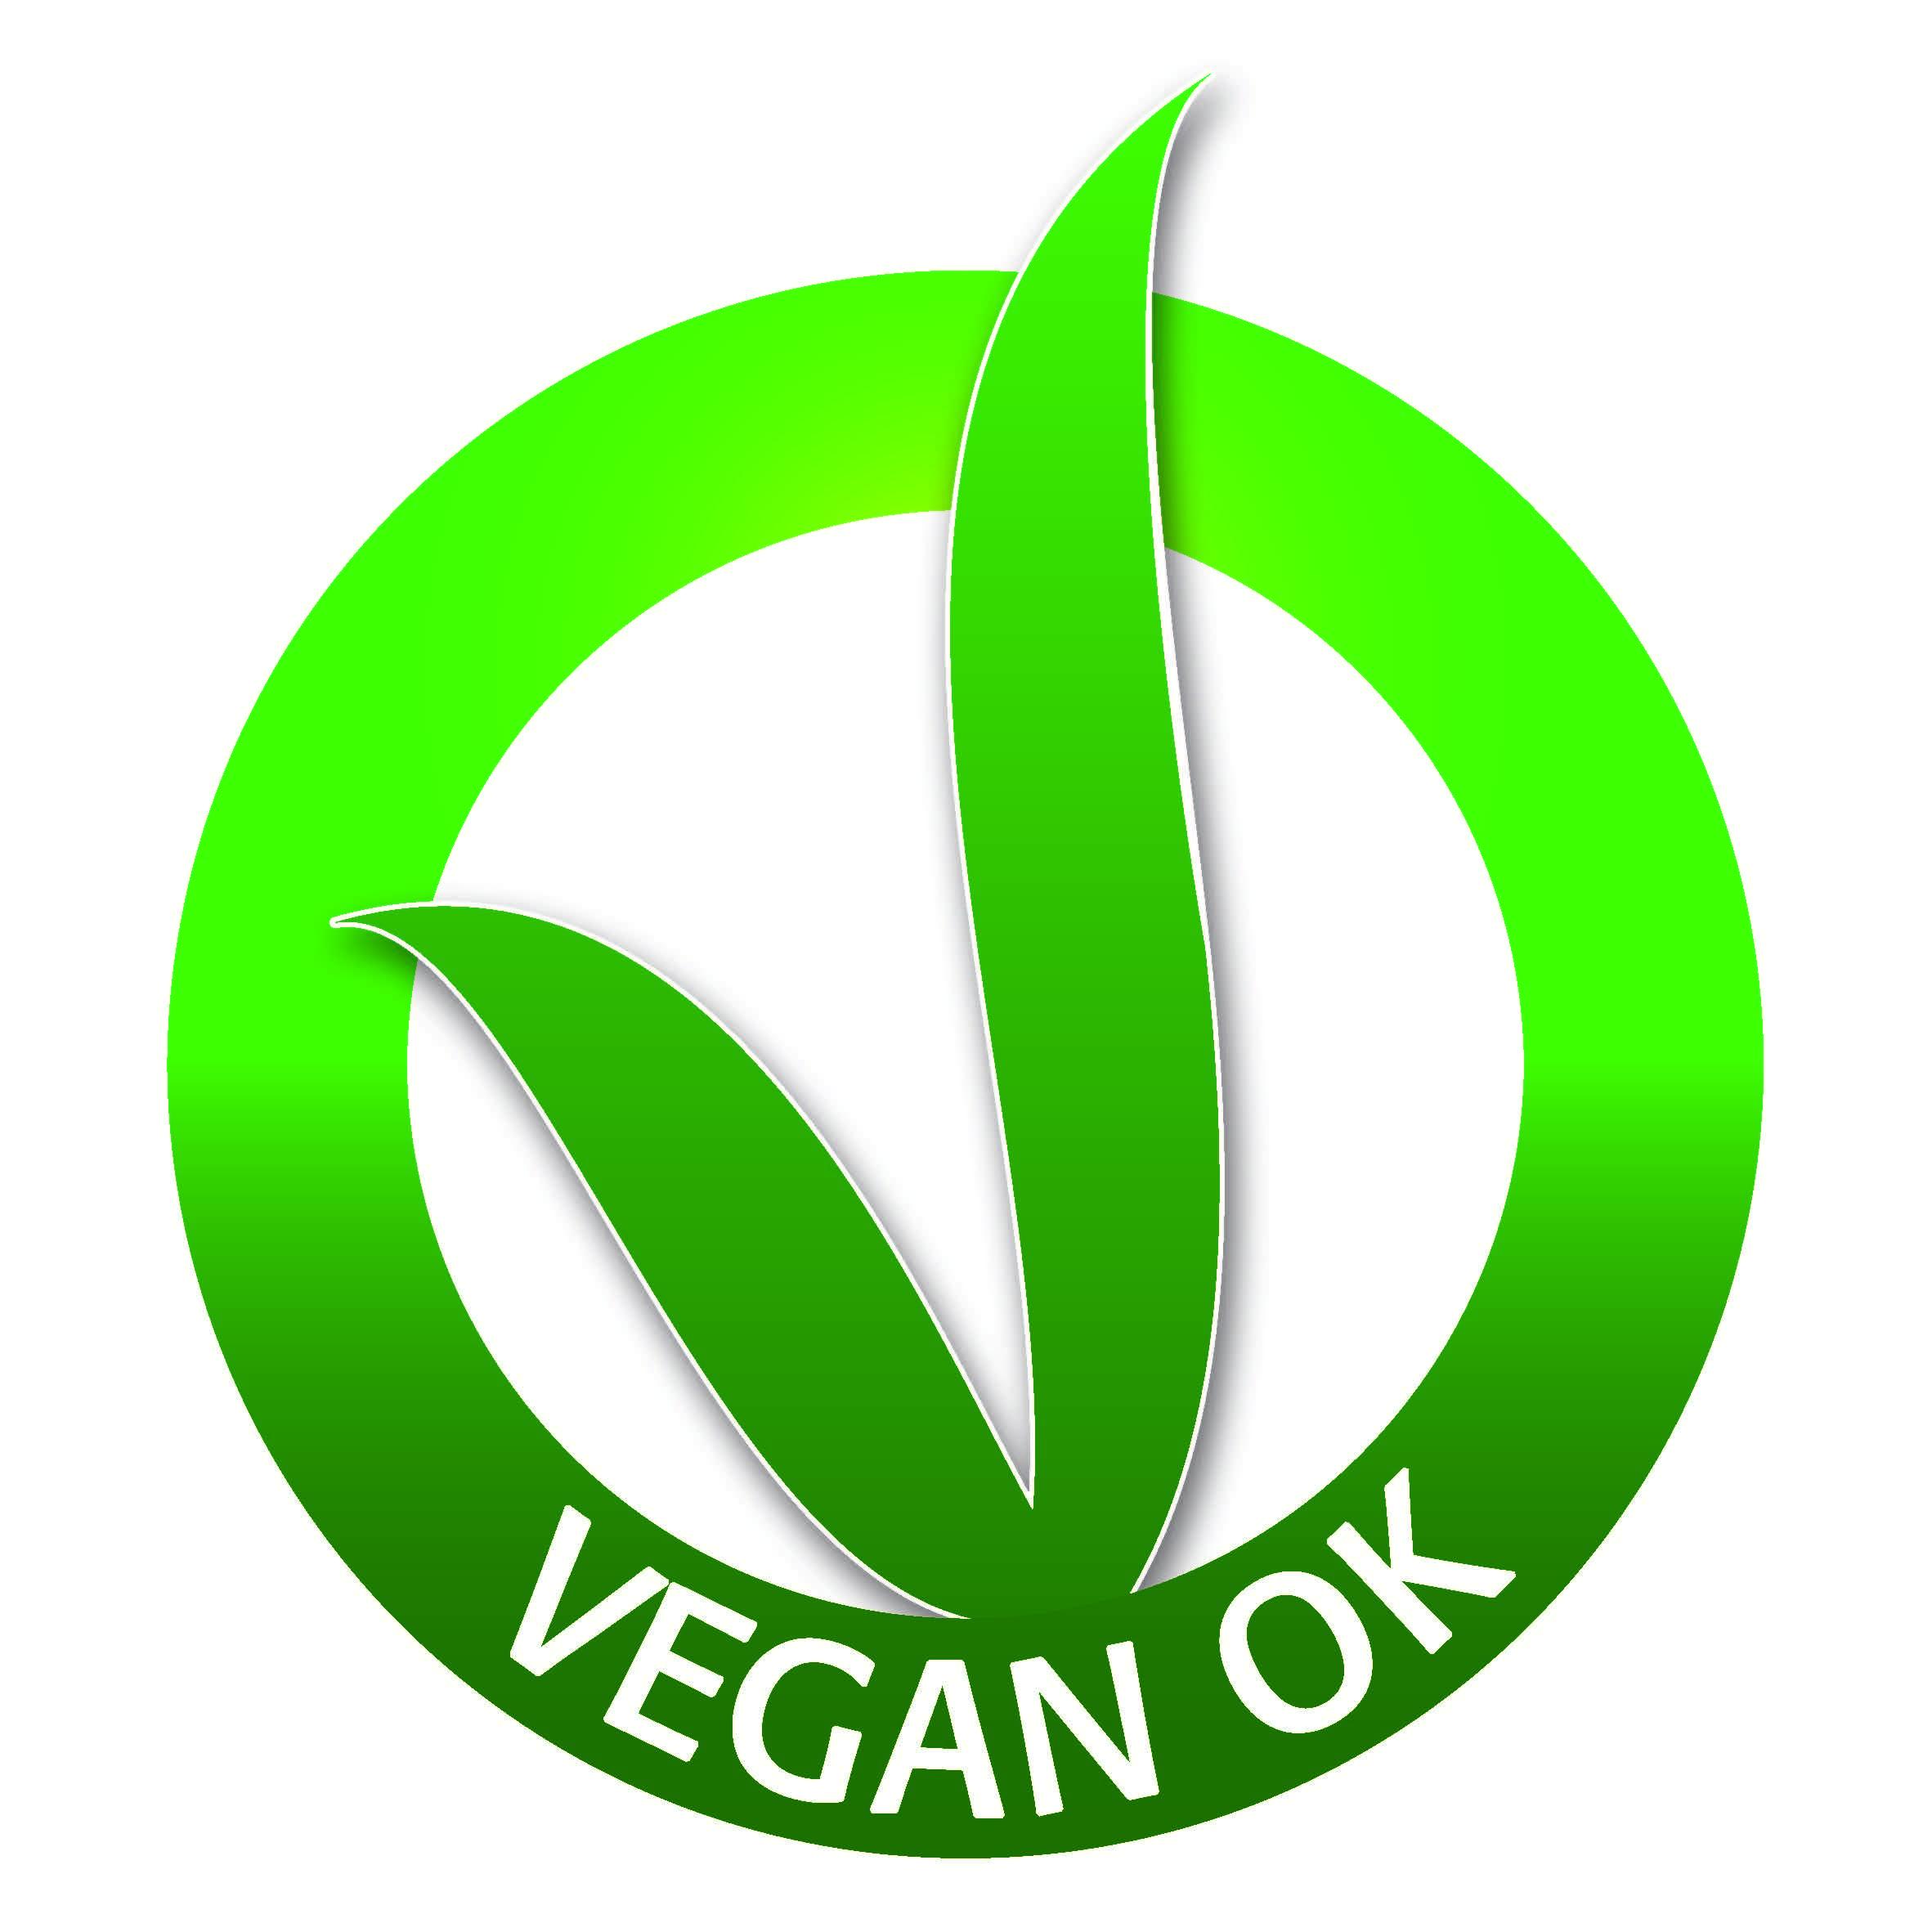 certificazione veganok corsi dolci vegani